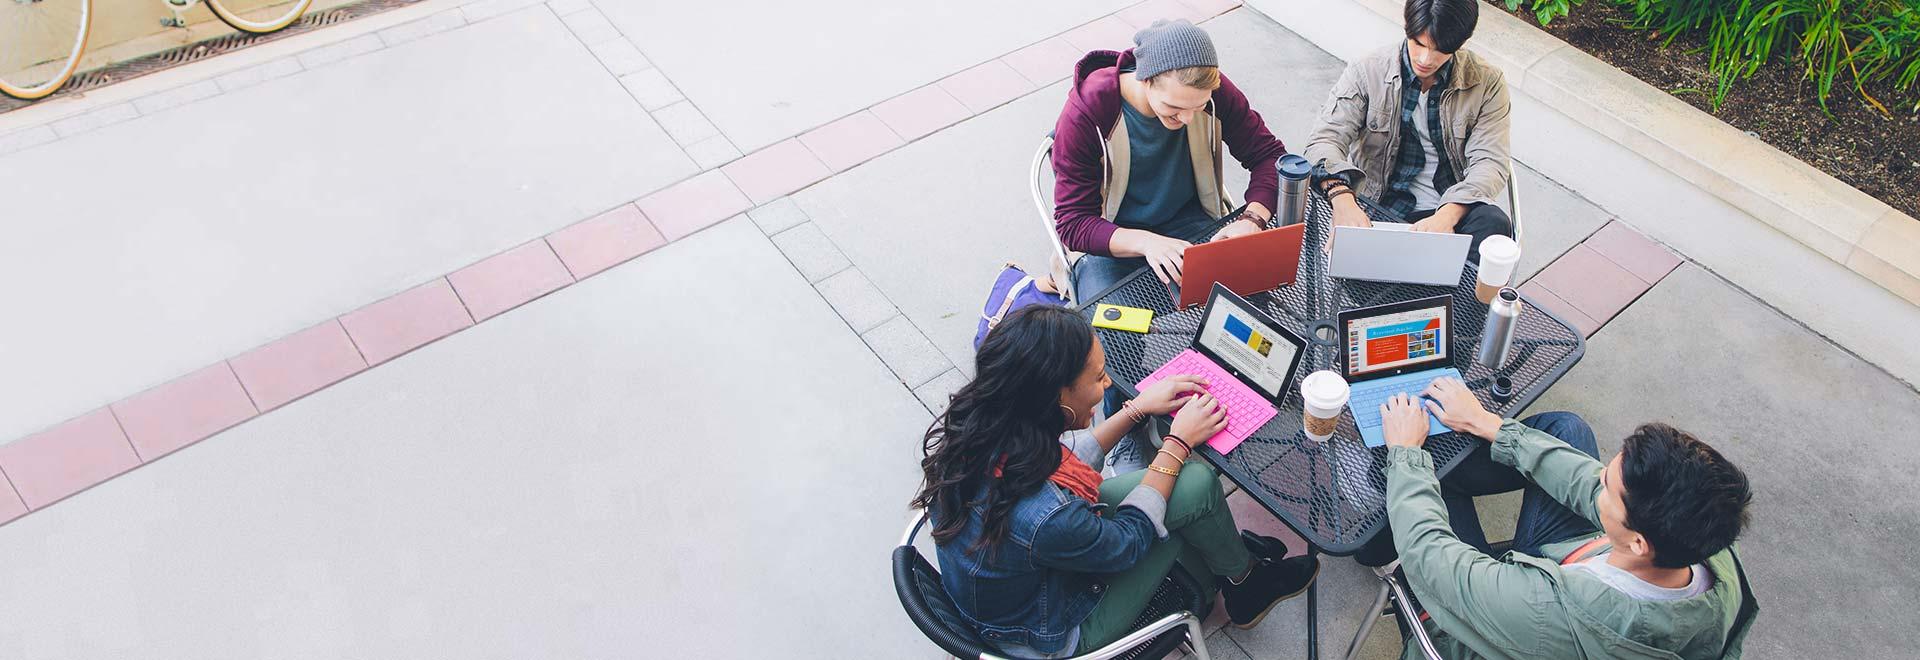 Чотири учні за столом надворі використовують Office365 Education на планшетах.